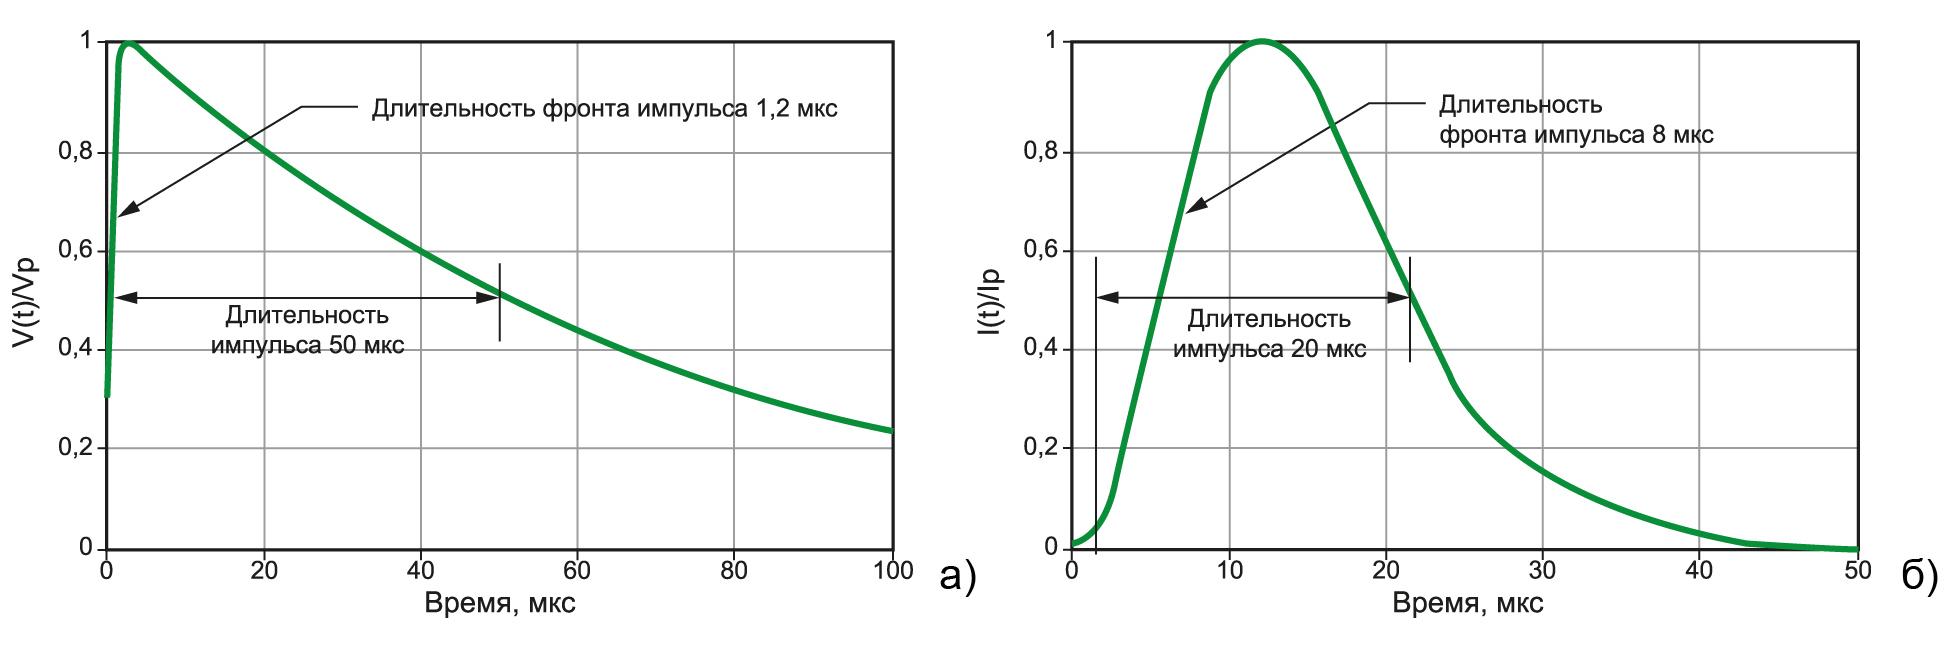 Тестовые импульсы в  соответствии с IEC61000-4-5: 1,2 ×50 мкс напряжения холостого хода и  8×20 мкс тока короткого замыкания